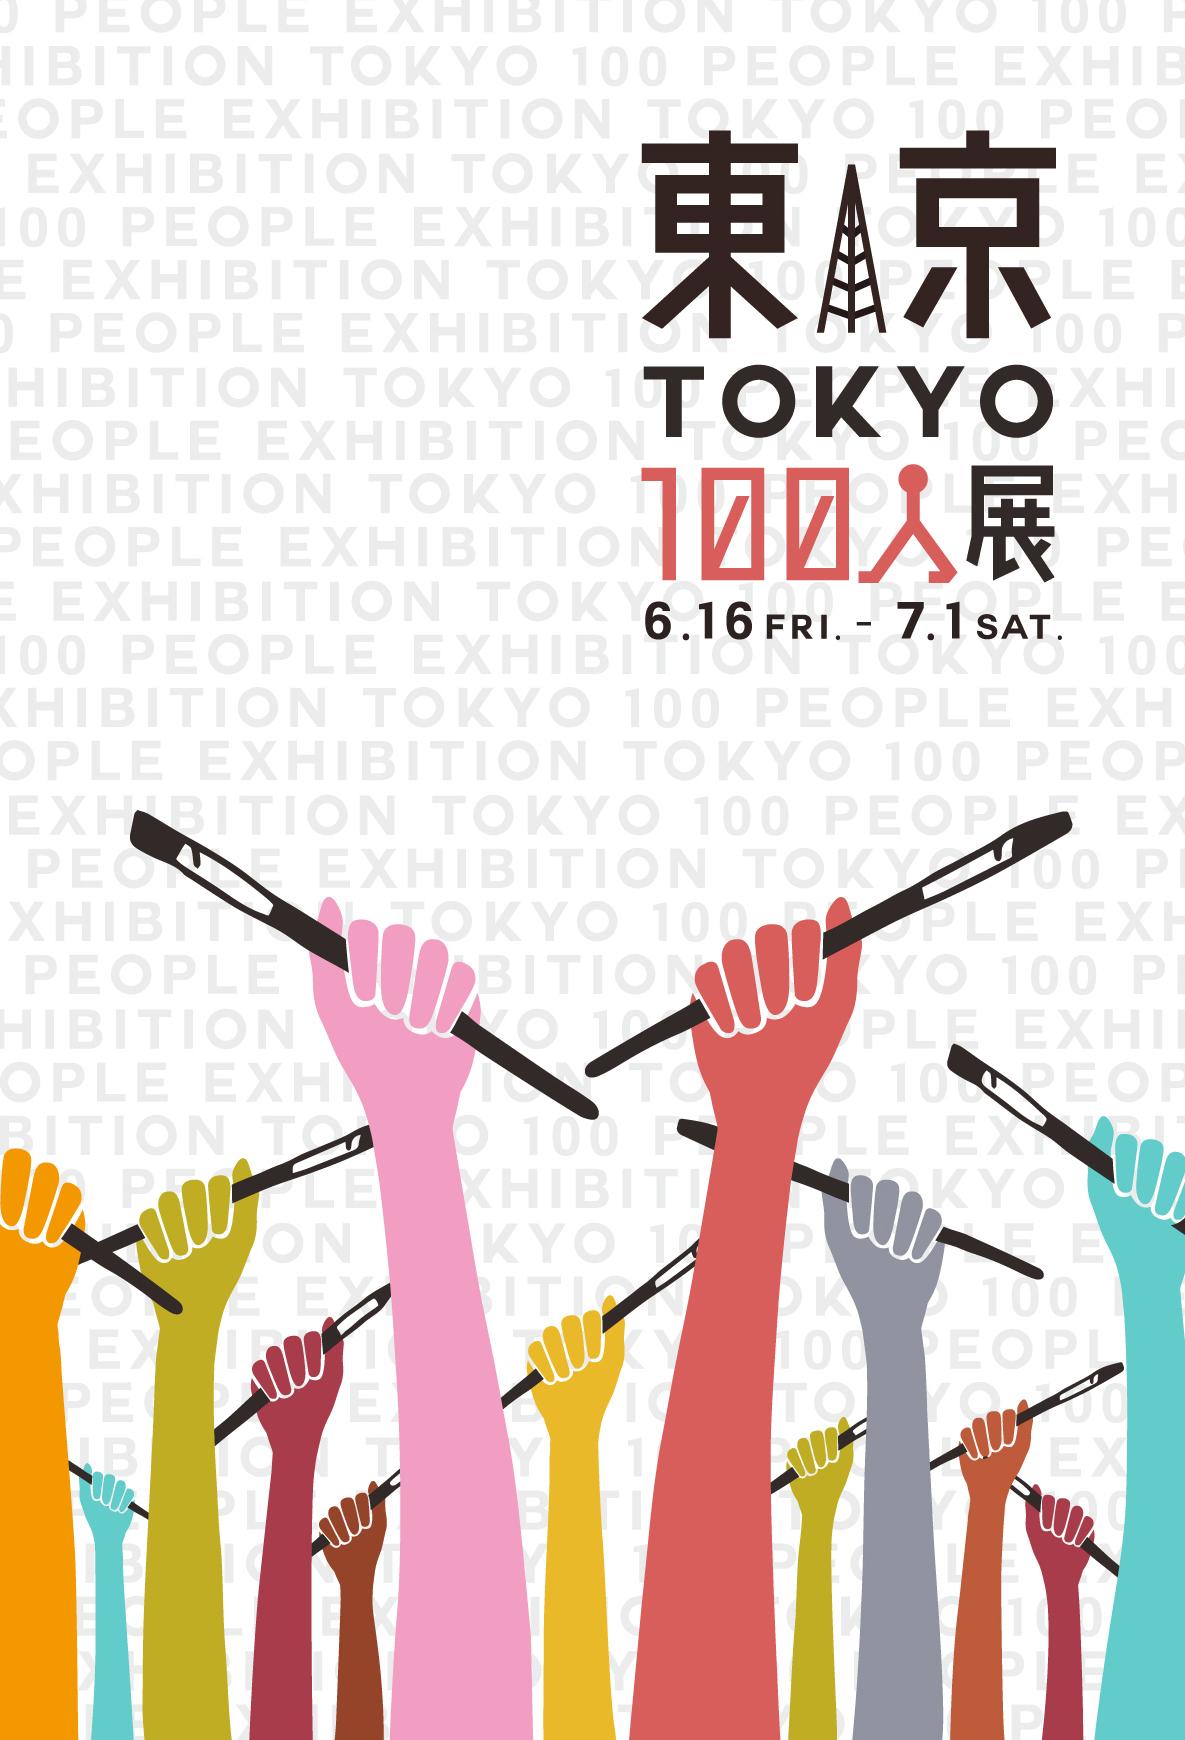 東京100人展